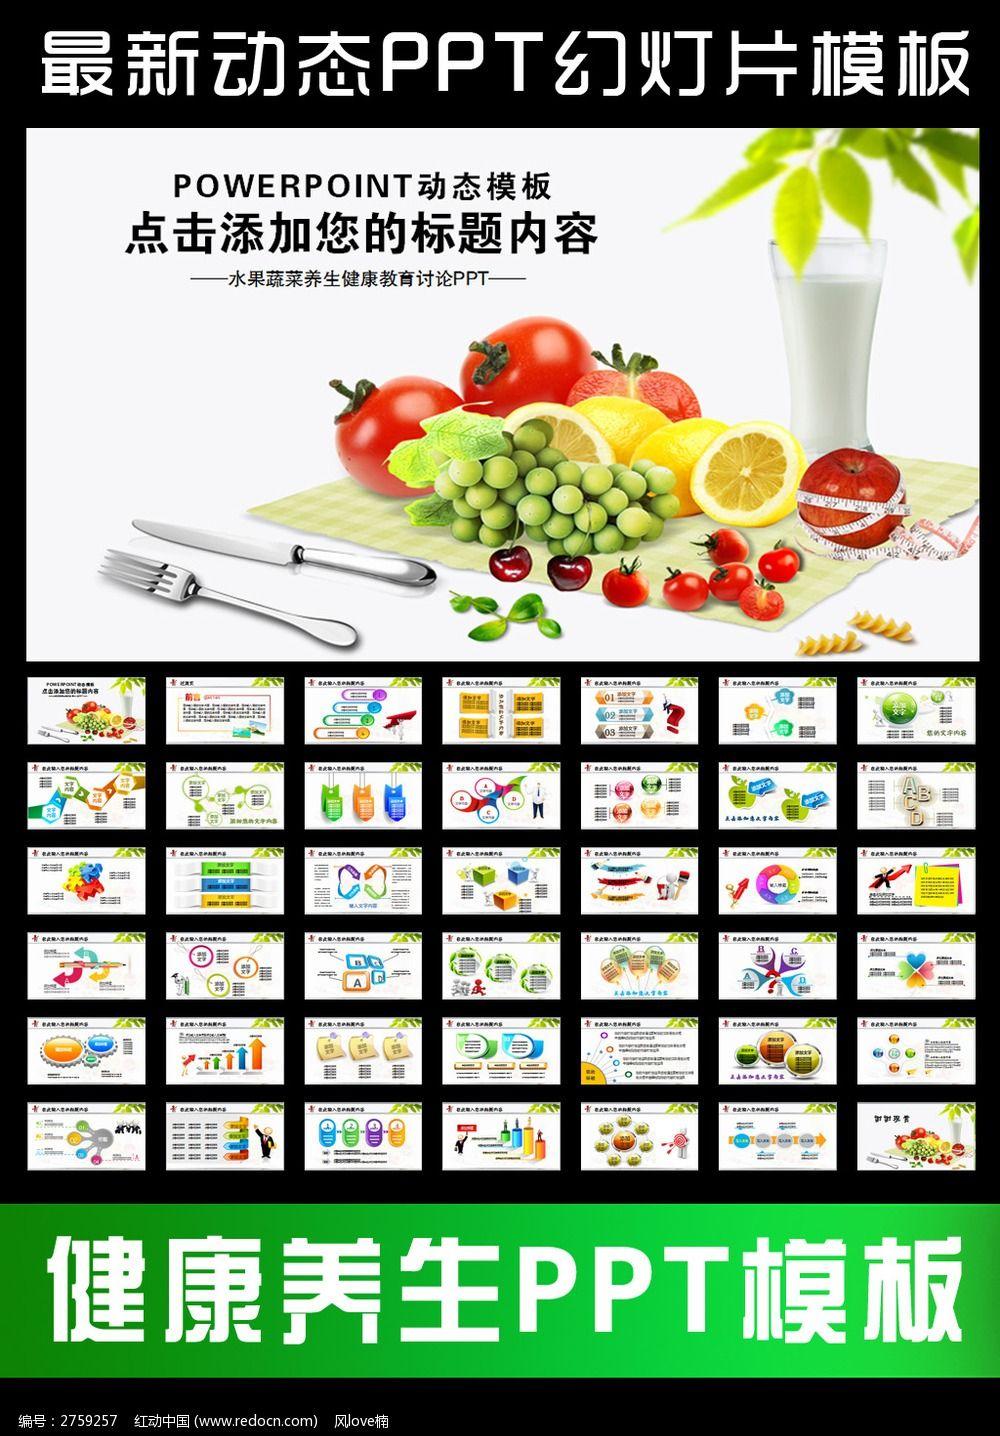 蔬菜幻灯片背景模板